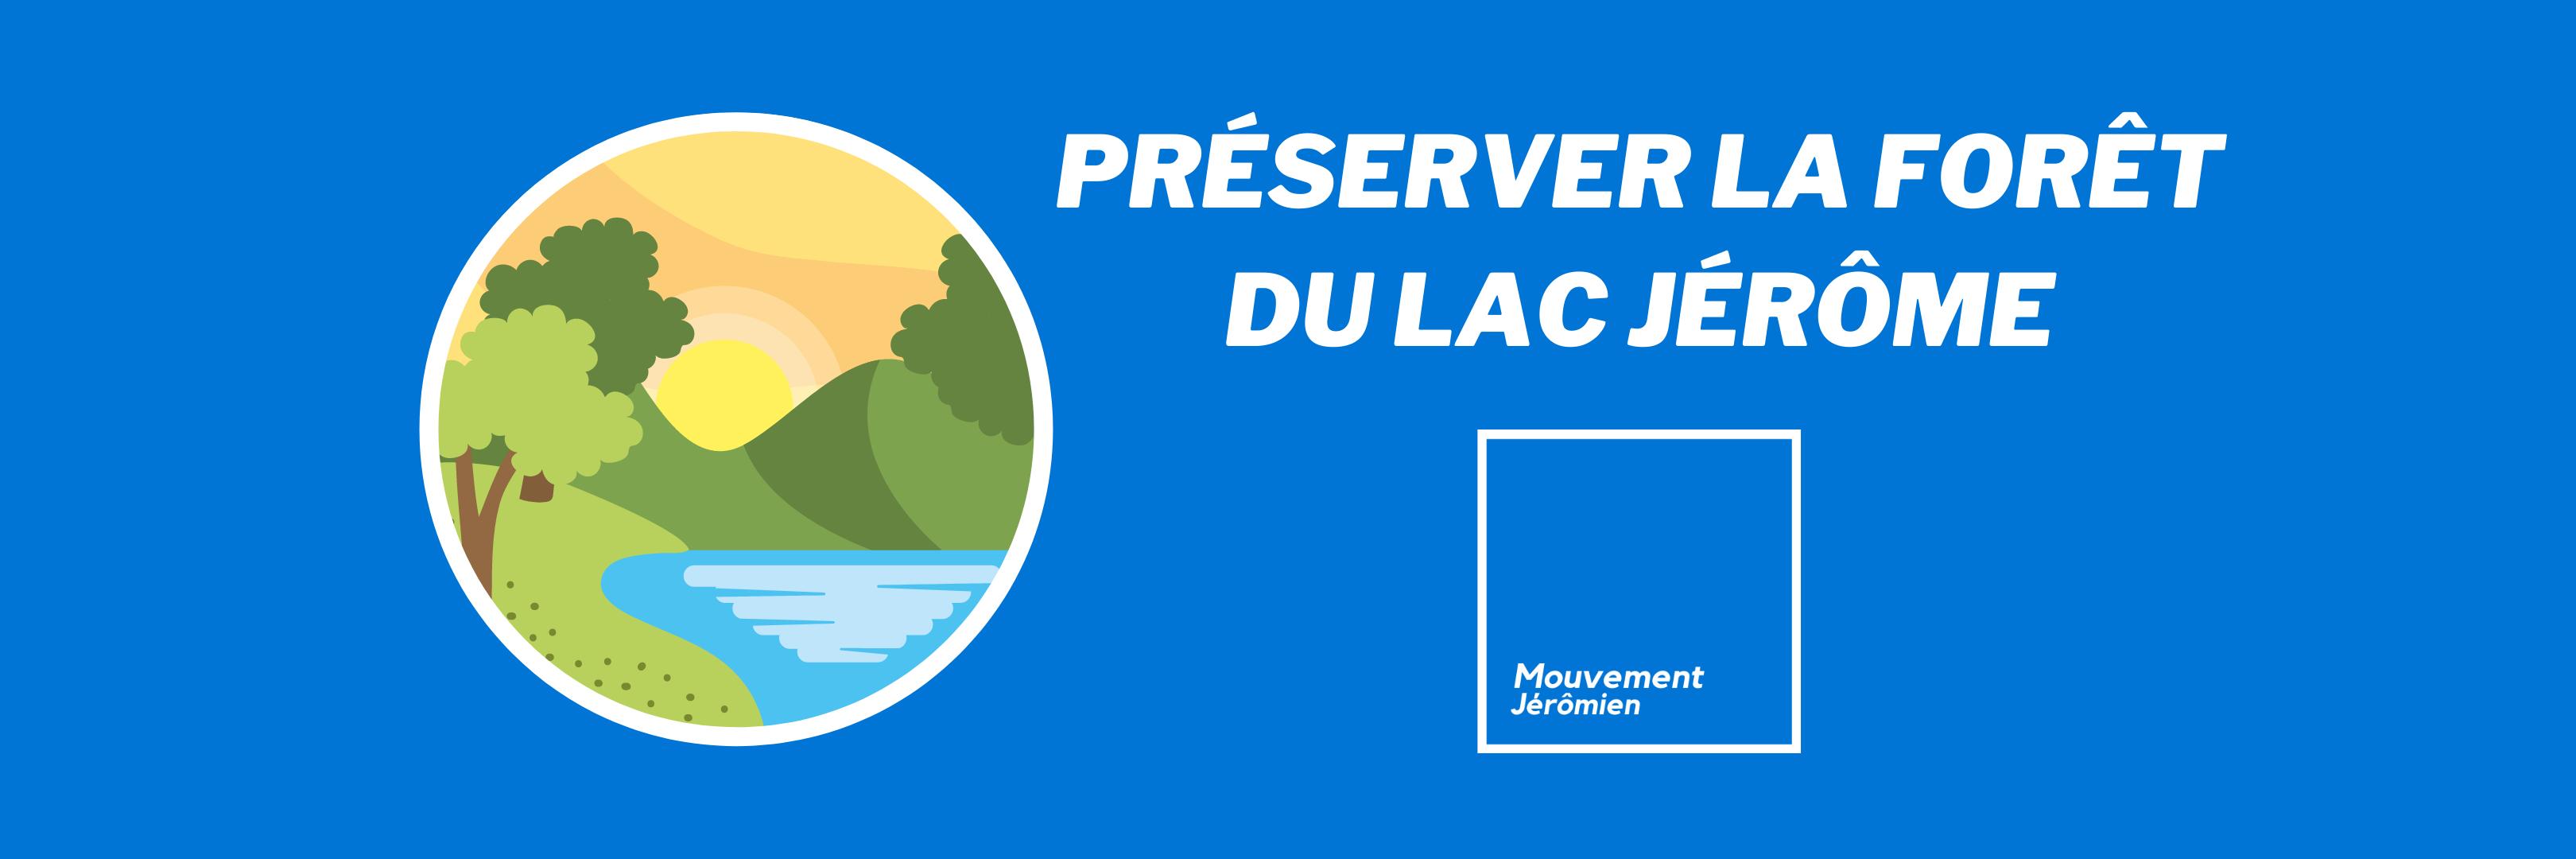 Jessica Riggi se joint au Mouvement Jérômien: « Nous protégerons la forêt du Lac Jérôme »